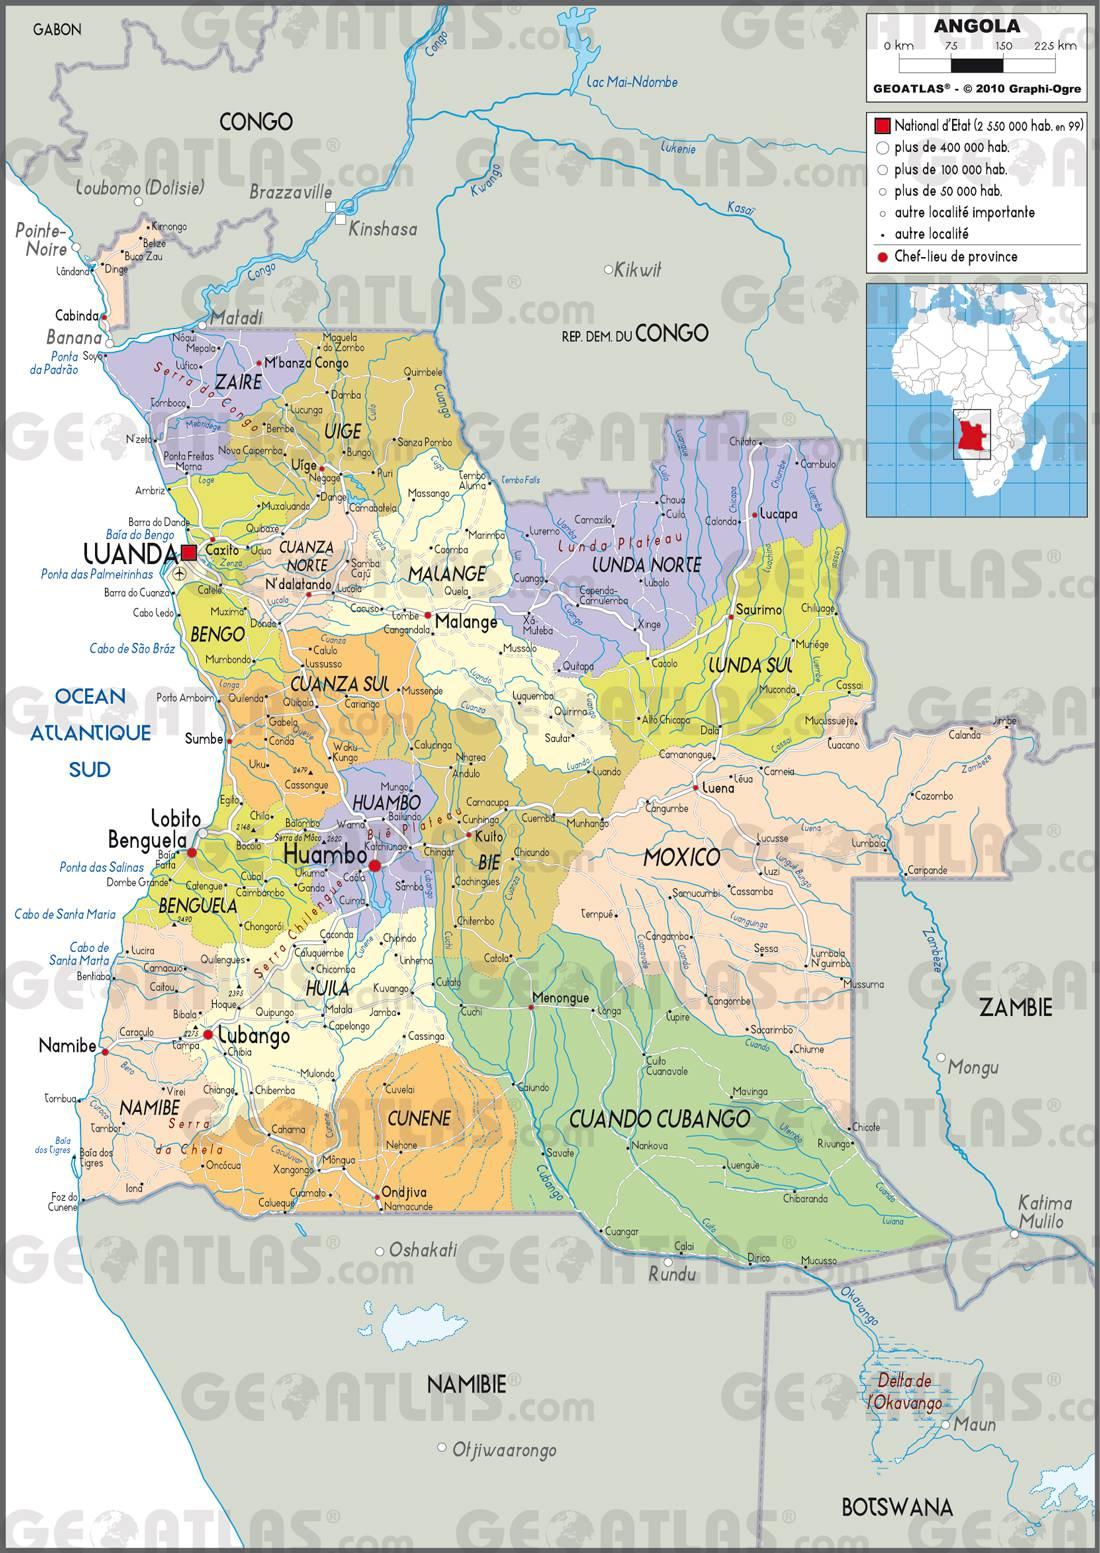 Carte administrative de l'Angola